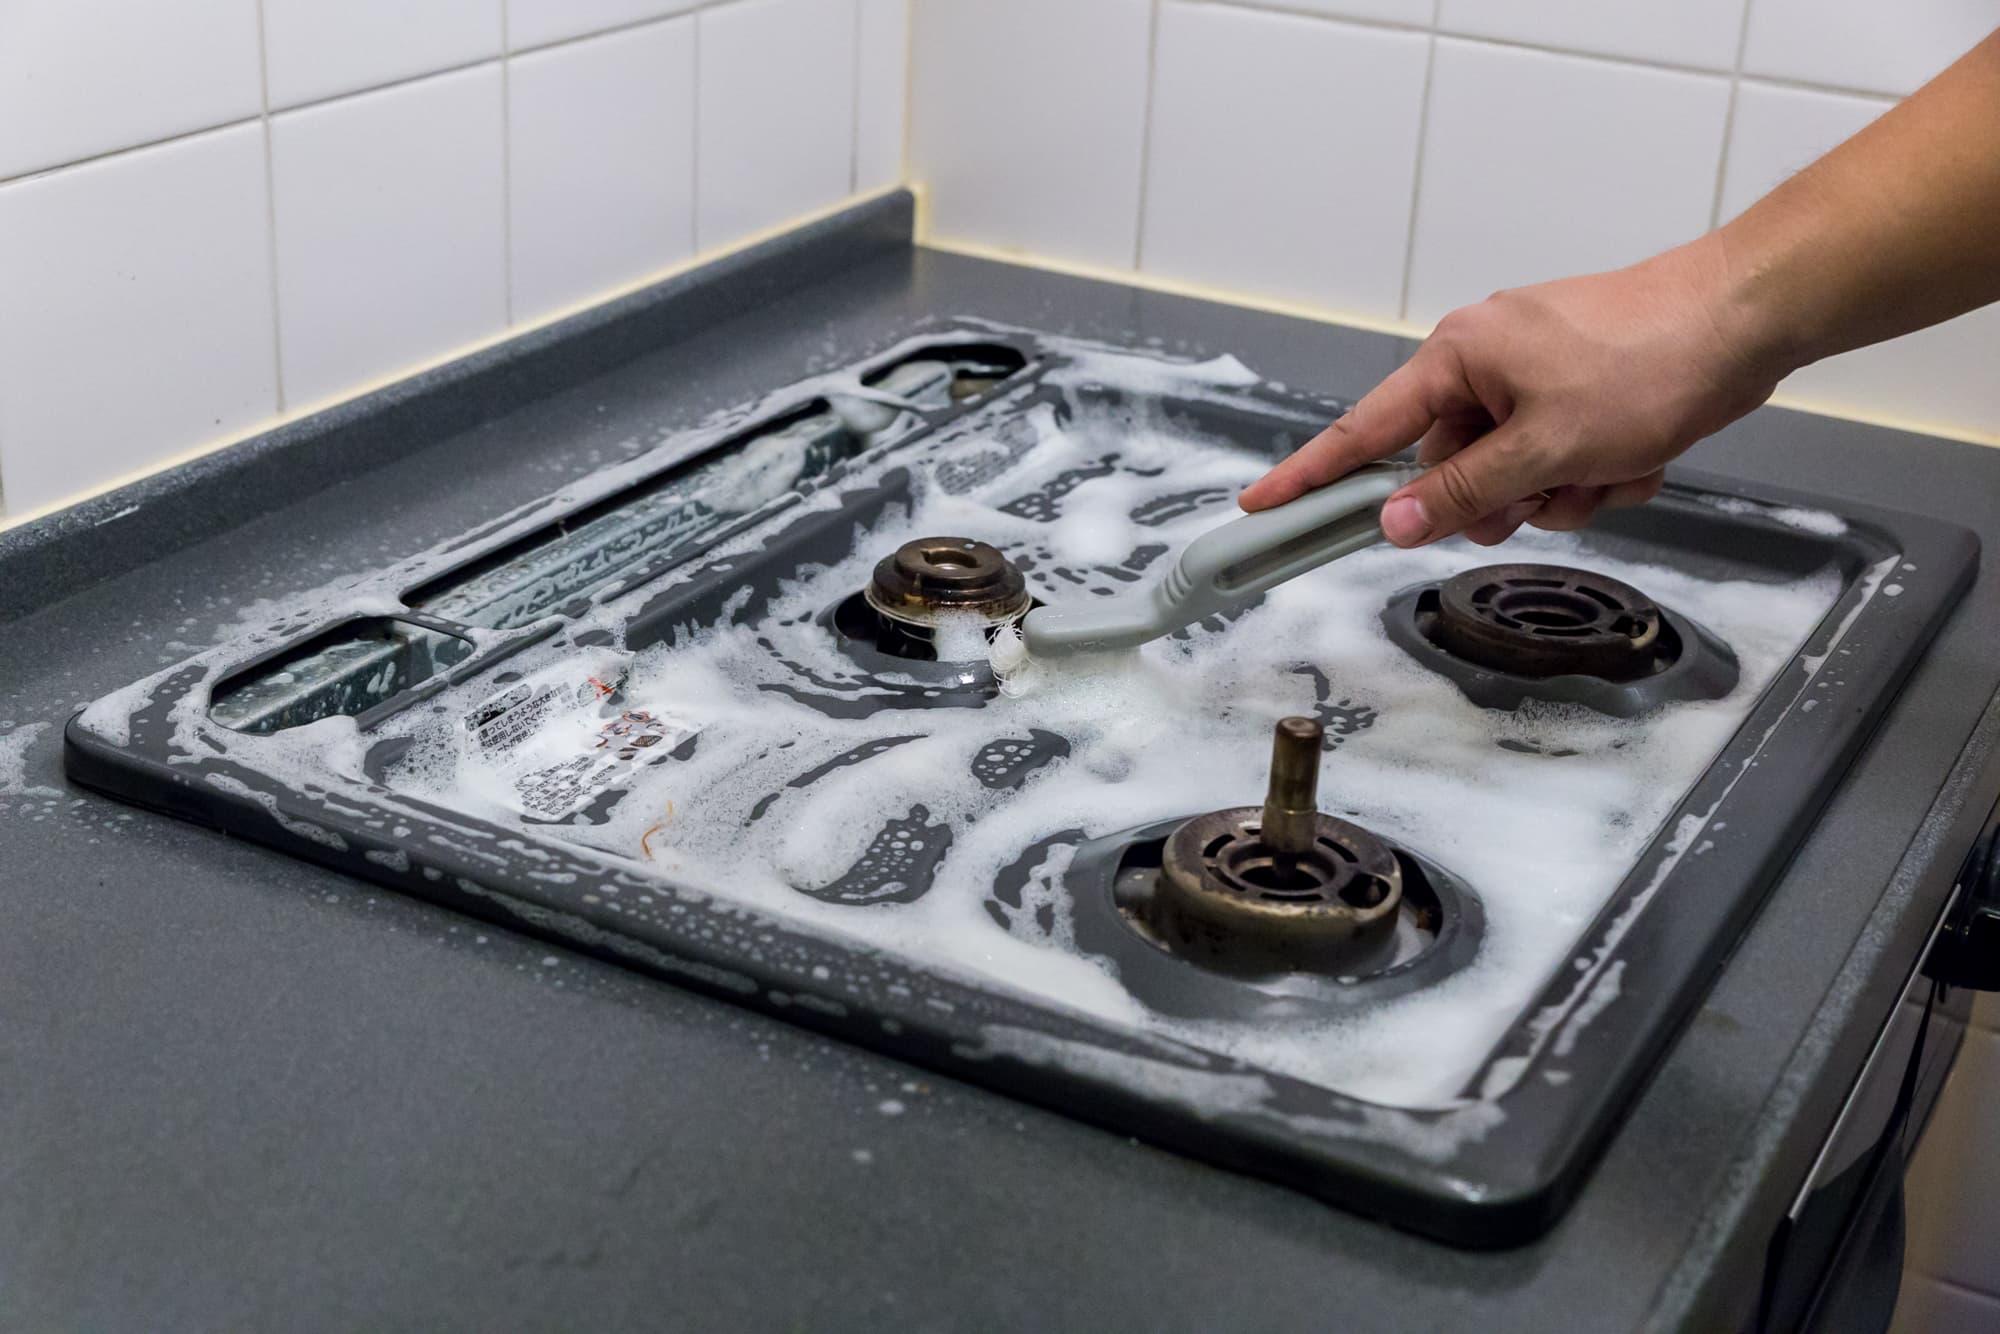 ガスコンロ汚れを落とすプロの技!プロから学ぶ掃除方法 - | カジタク(イオングループ)